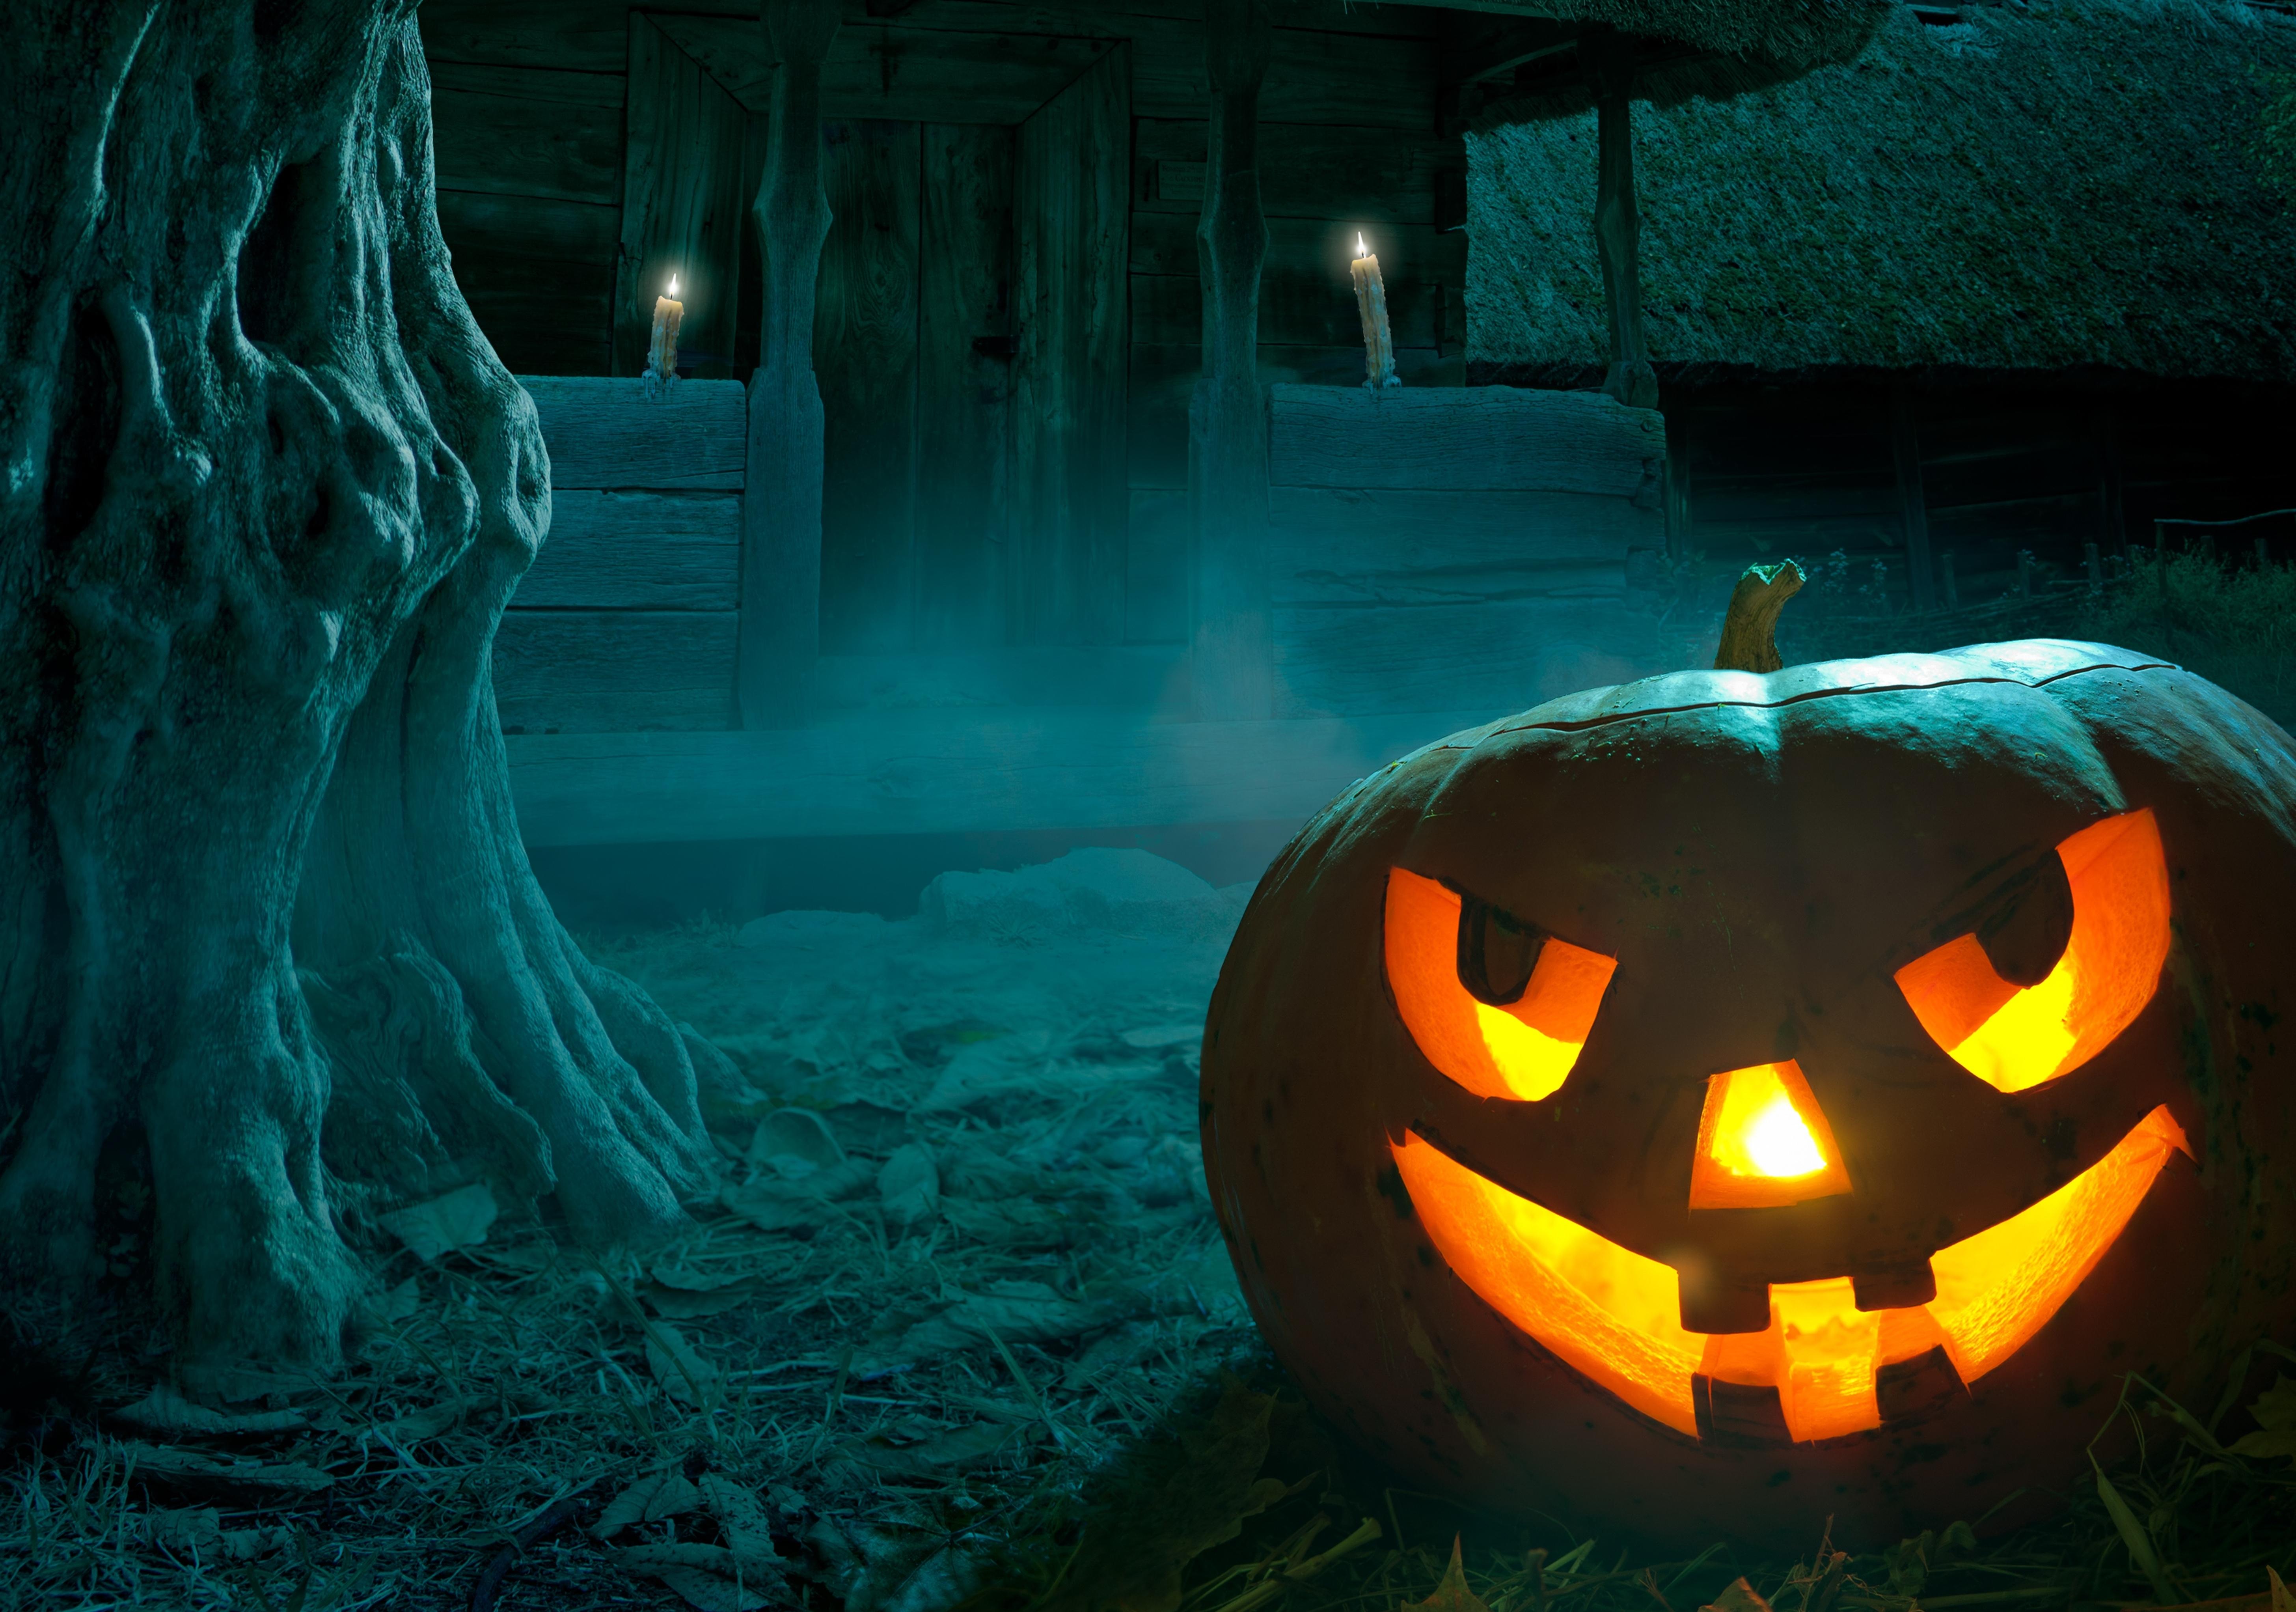 Картинки с хэллоуина страшные, окружающий мир